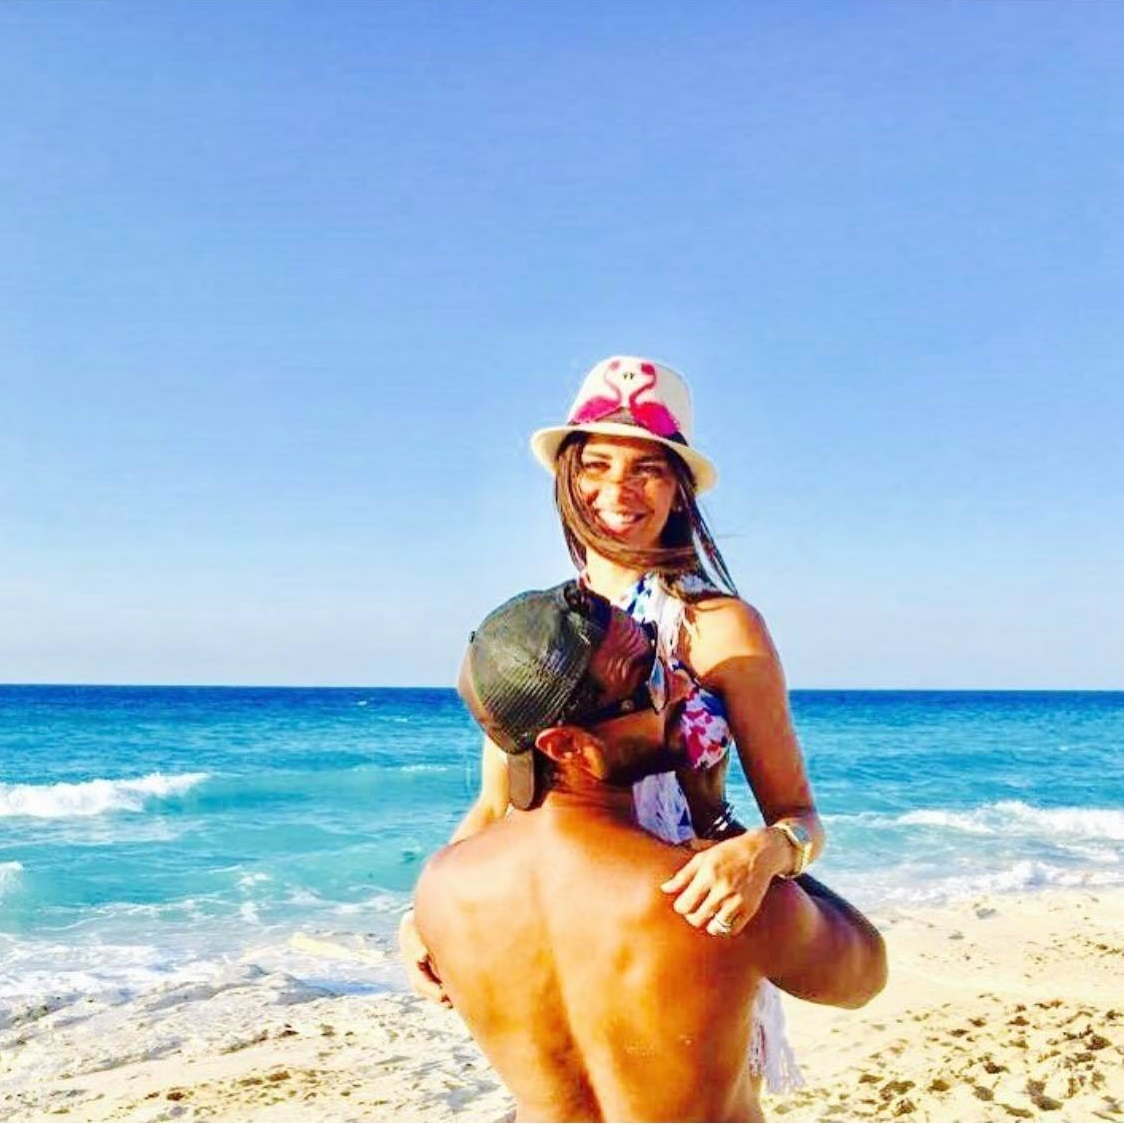 رومانسية كريم فهمي مع زوجته (6)